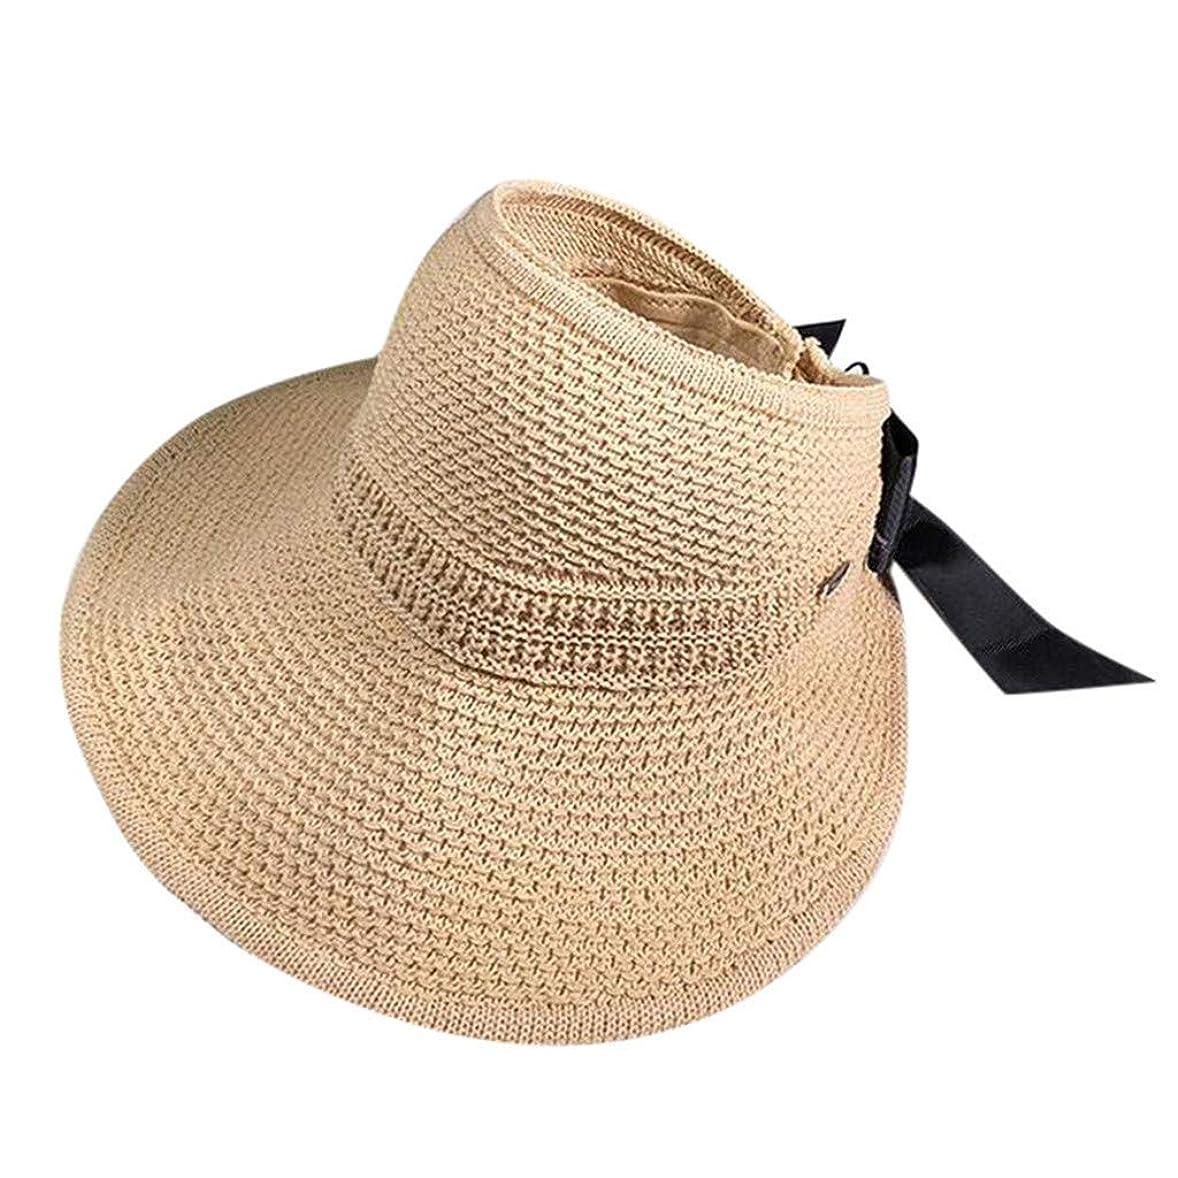 非常にロデオ存在サンバイザー レディース 麦わら帽子 キャップ レディース 漁師の帽子 帽子 キャップ ハット つば広 ハット 日除け おしゃれ 可愛い 日よけ 女優帽 小顔 UV対策 レディース 帽子 軽薄 カジュアル ビーチ ROSE ROMAN